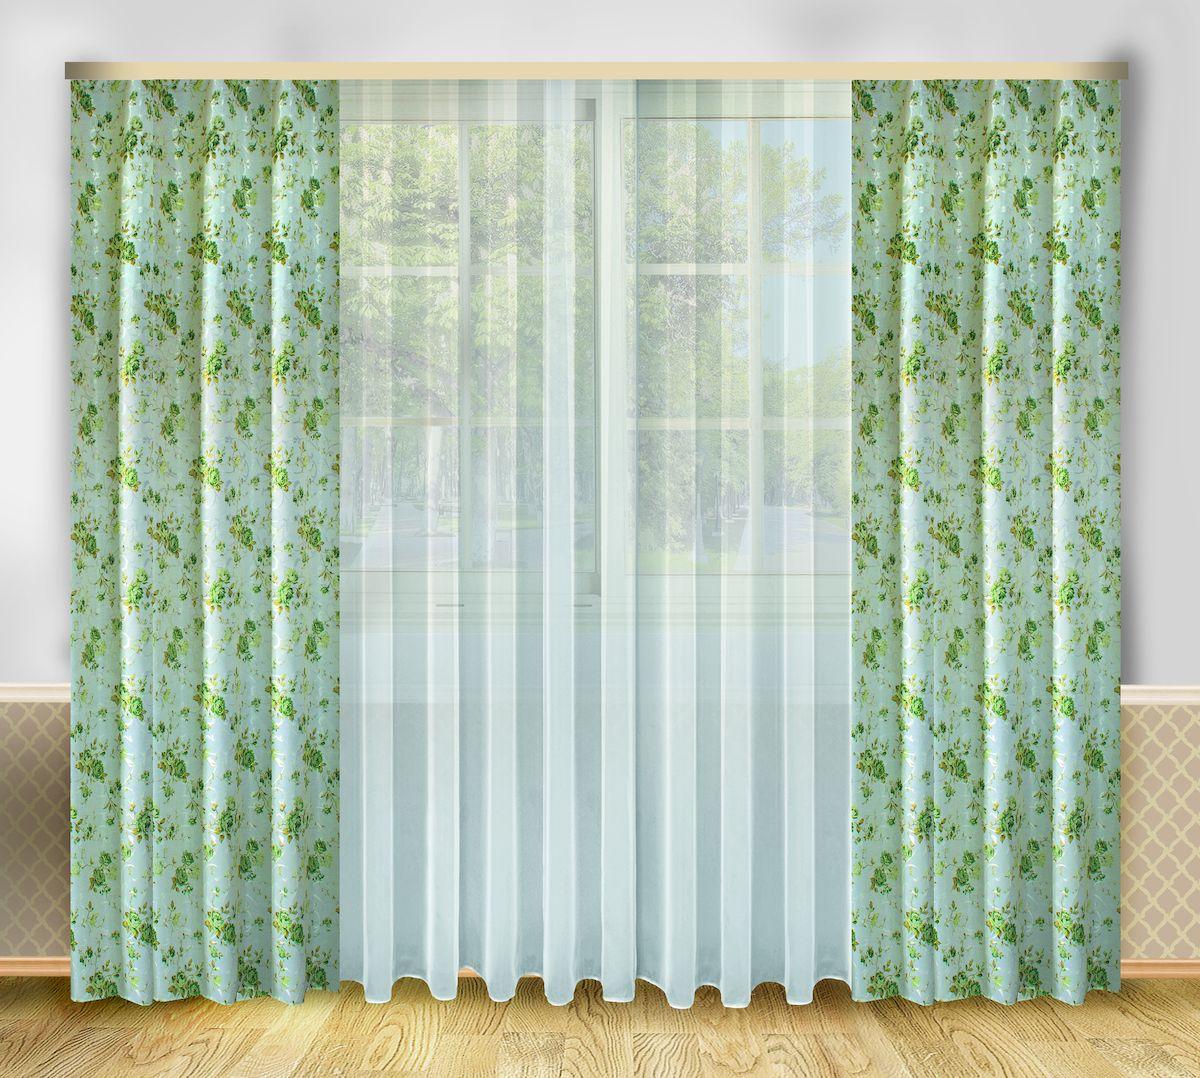 Комплект штор Zlata Korunka, на ленте, цвет: серо-зеленый, высота 250 см. 6665866658Роскошный комплект штор Zlata Korunka, выполненный из полиэстера, великолепно украсит любое окно. Комплект состоит из тюля и двух штор. Цветочный рисунок и приятная цветовая гамма привлекут к себе внимание и органично впишутся в интерьер помещения. Этот комплект будет долгое время радовать вас и вашу семью! Комплект крепится на карниз при помощи ленты, которая поможет красиво и равномерно задрапировать верх. В комплект входит: Тюль: 1 шт. Размер (Ш х В): 290 см х 250 см. Штора: 2 шт. Размер (Ш х В): 138 см х 250 см.